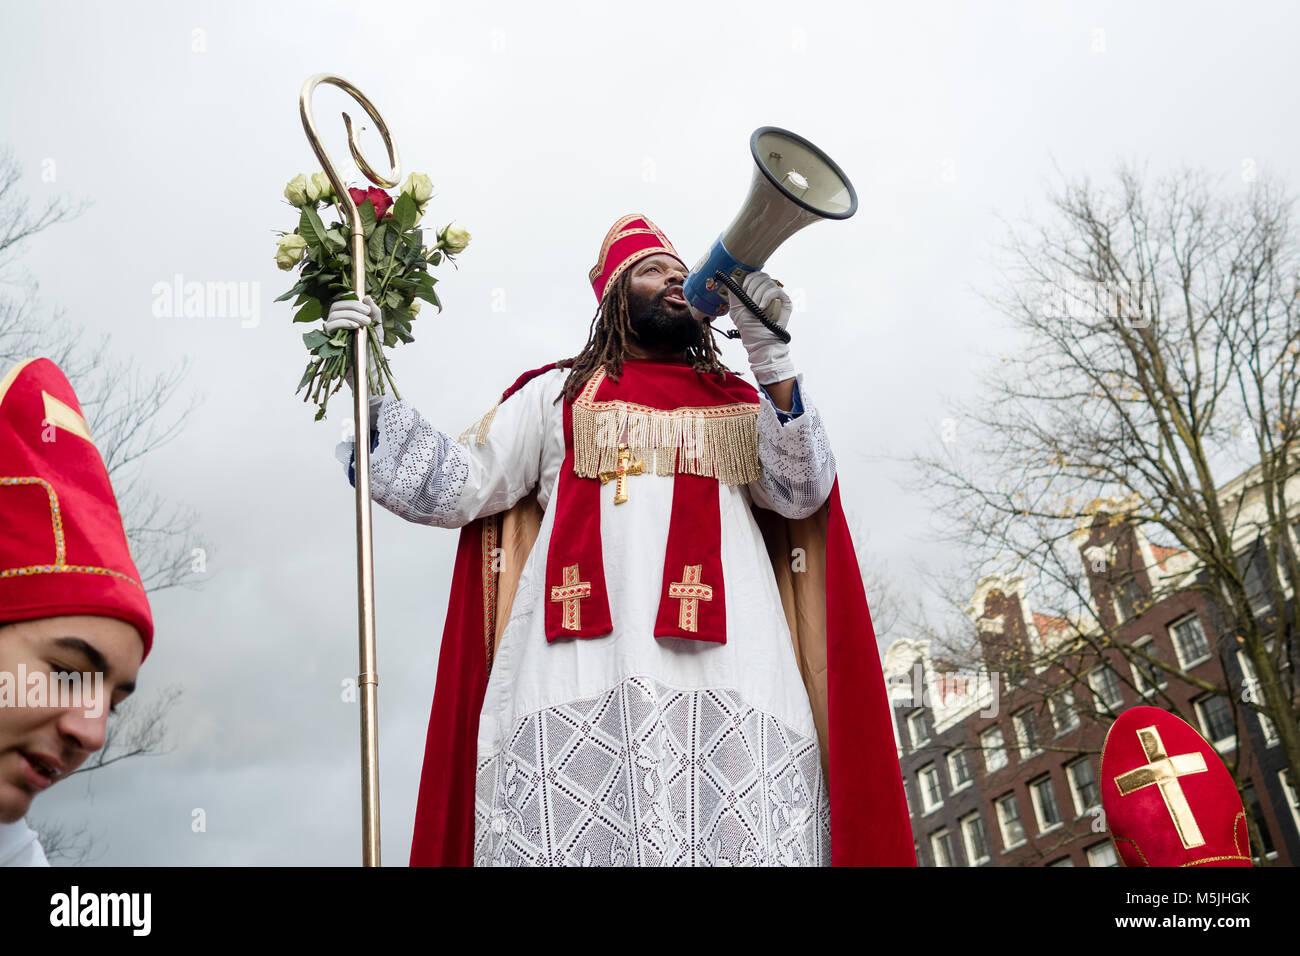 """Die """"Nieuwe Sint"""" angeboten rote und weiße Rosen als Botschaft der Liebe, der Freundschaft und des Stockbild"""